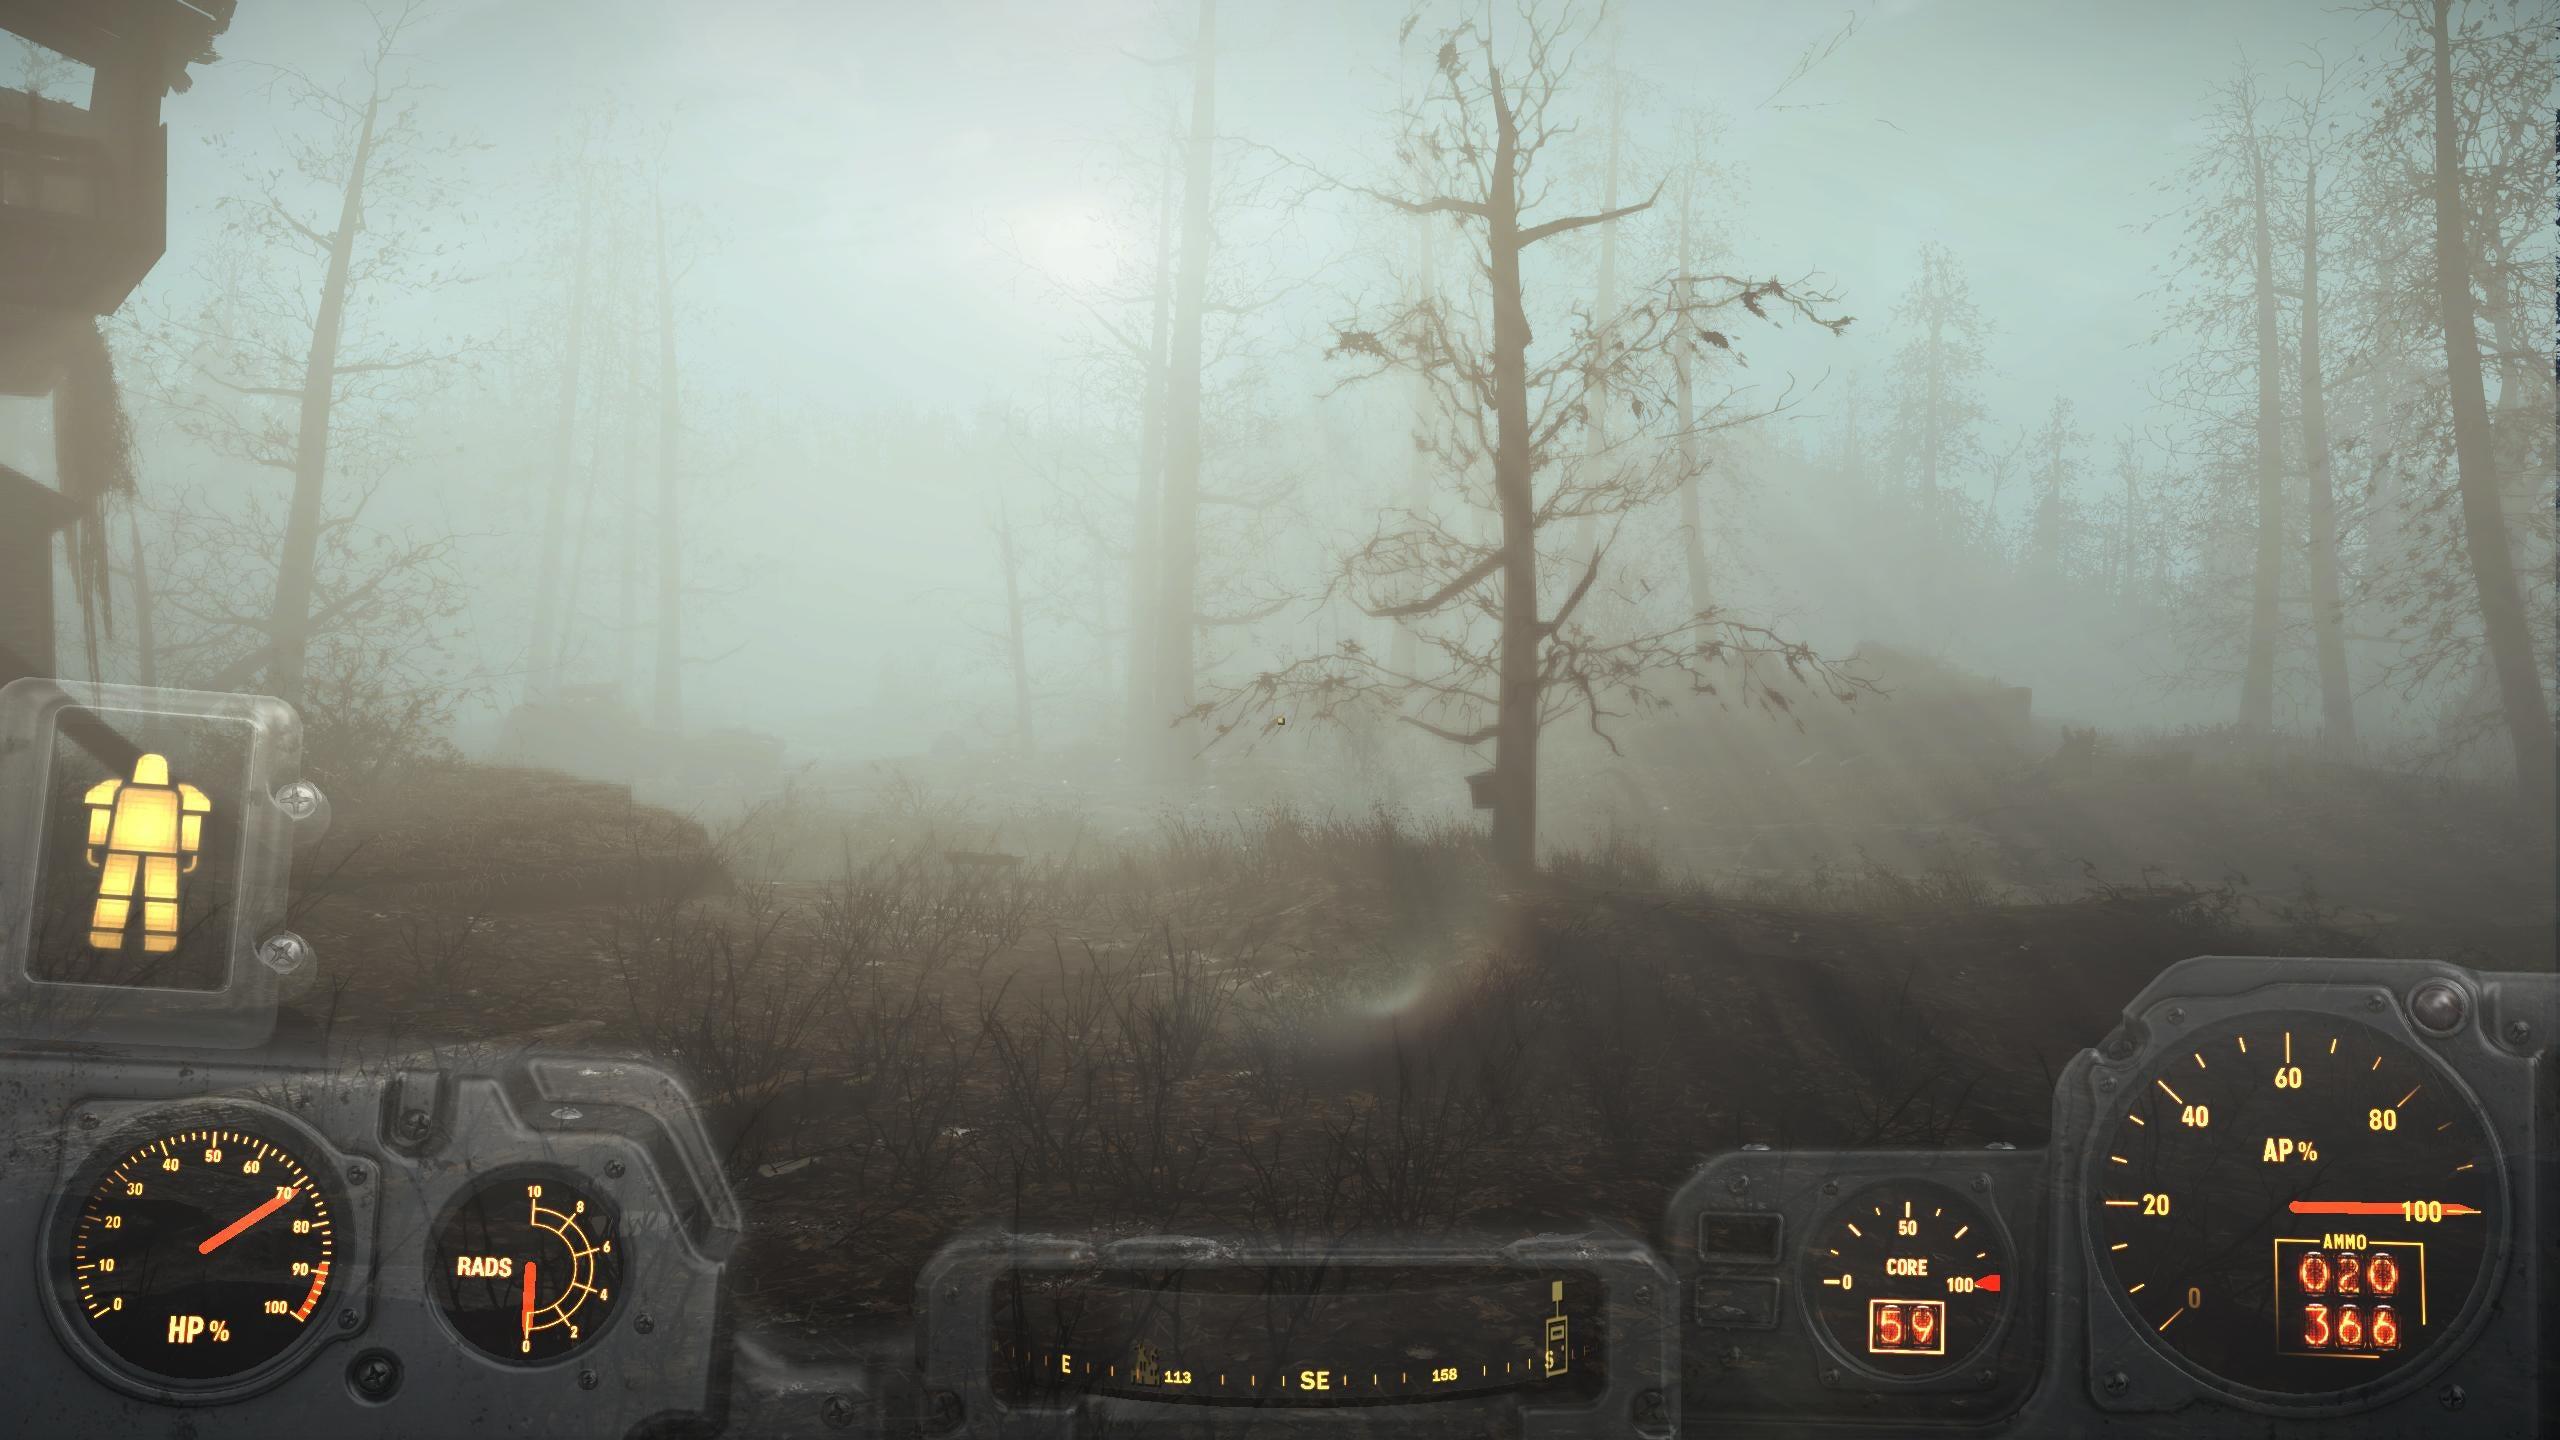 fallout fallout-4 gears-of-war-4 kotakusplitscreen podcast splitscreen